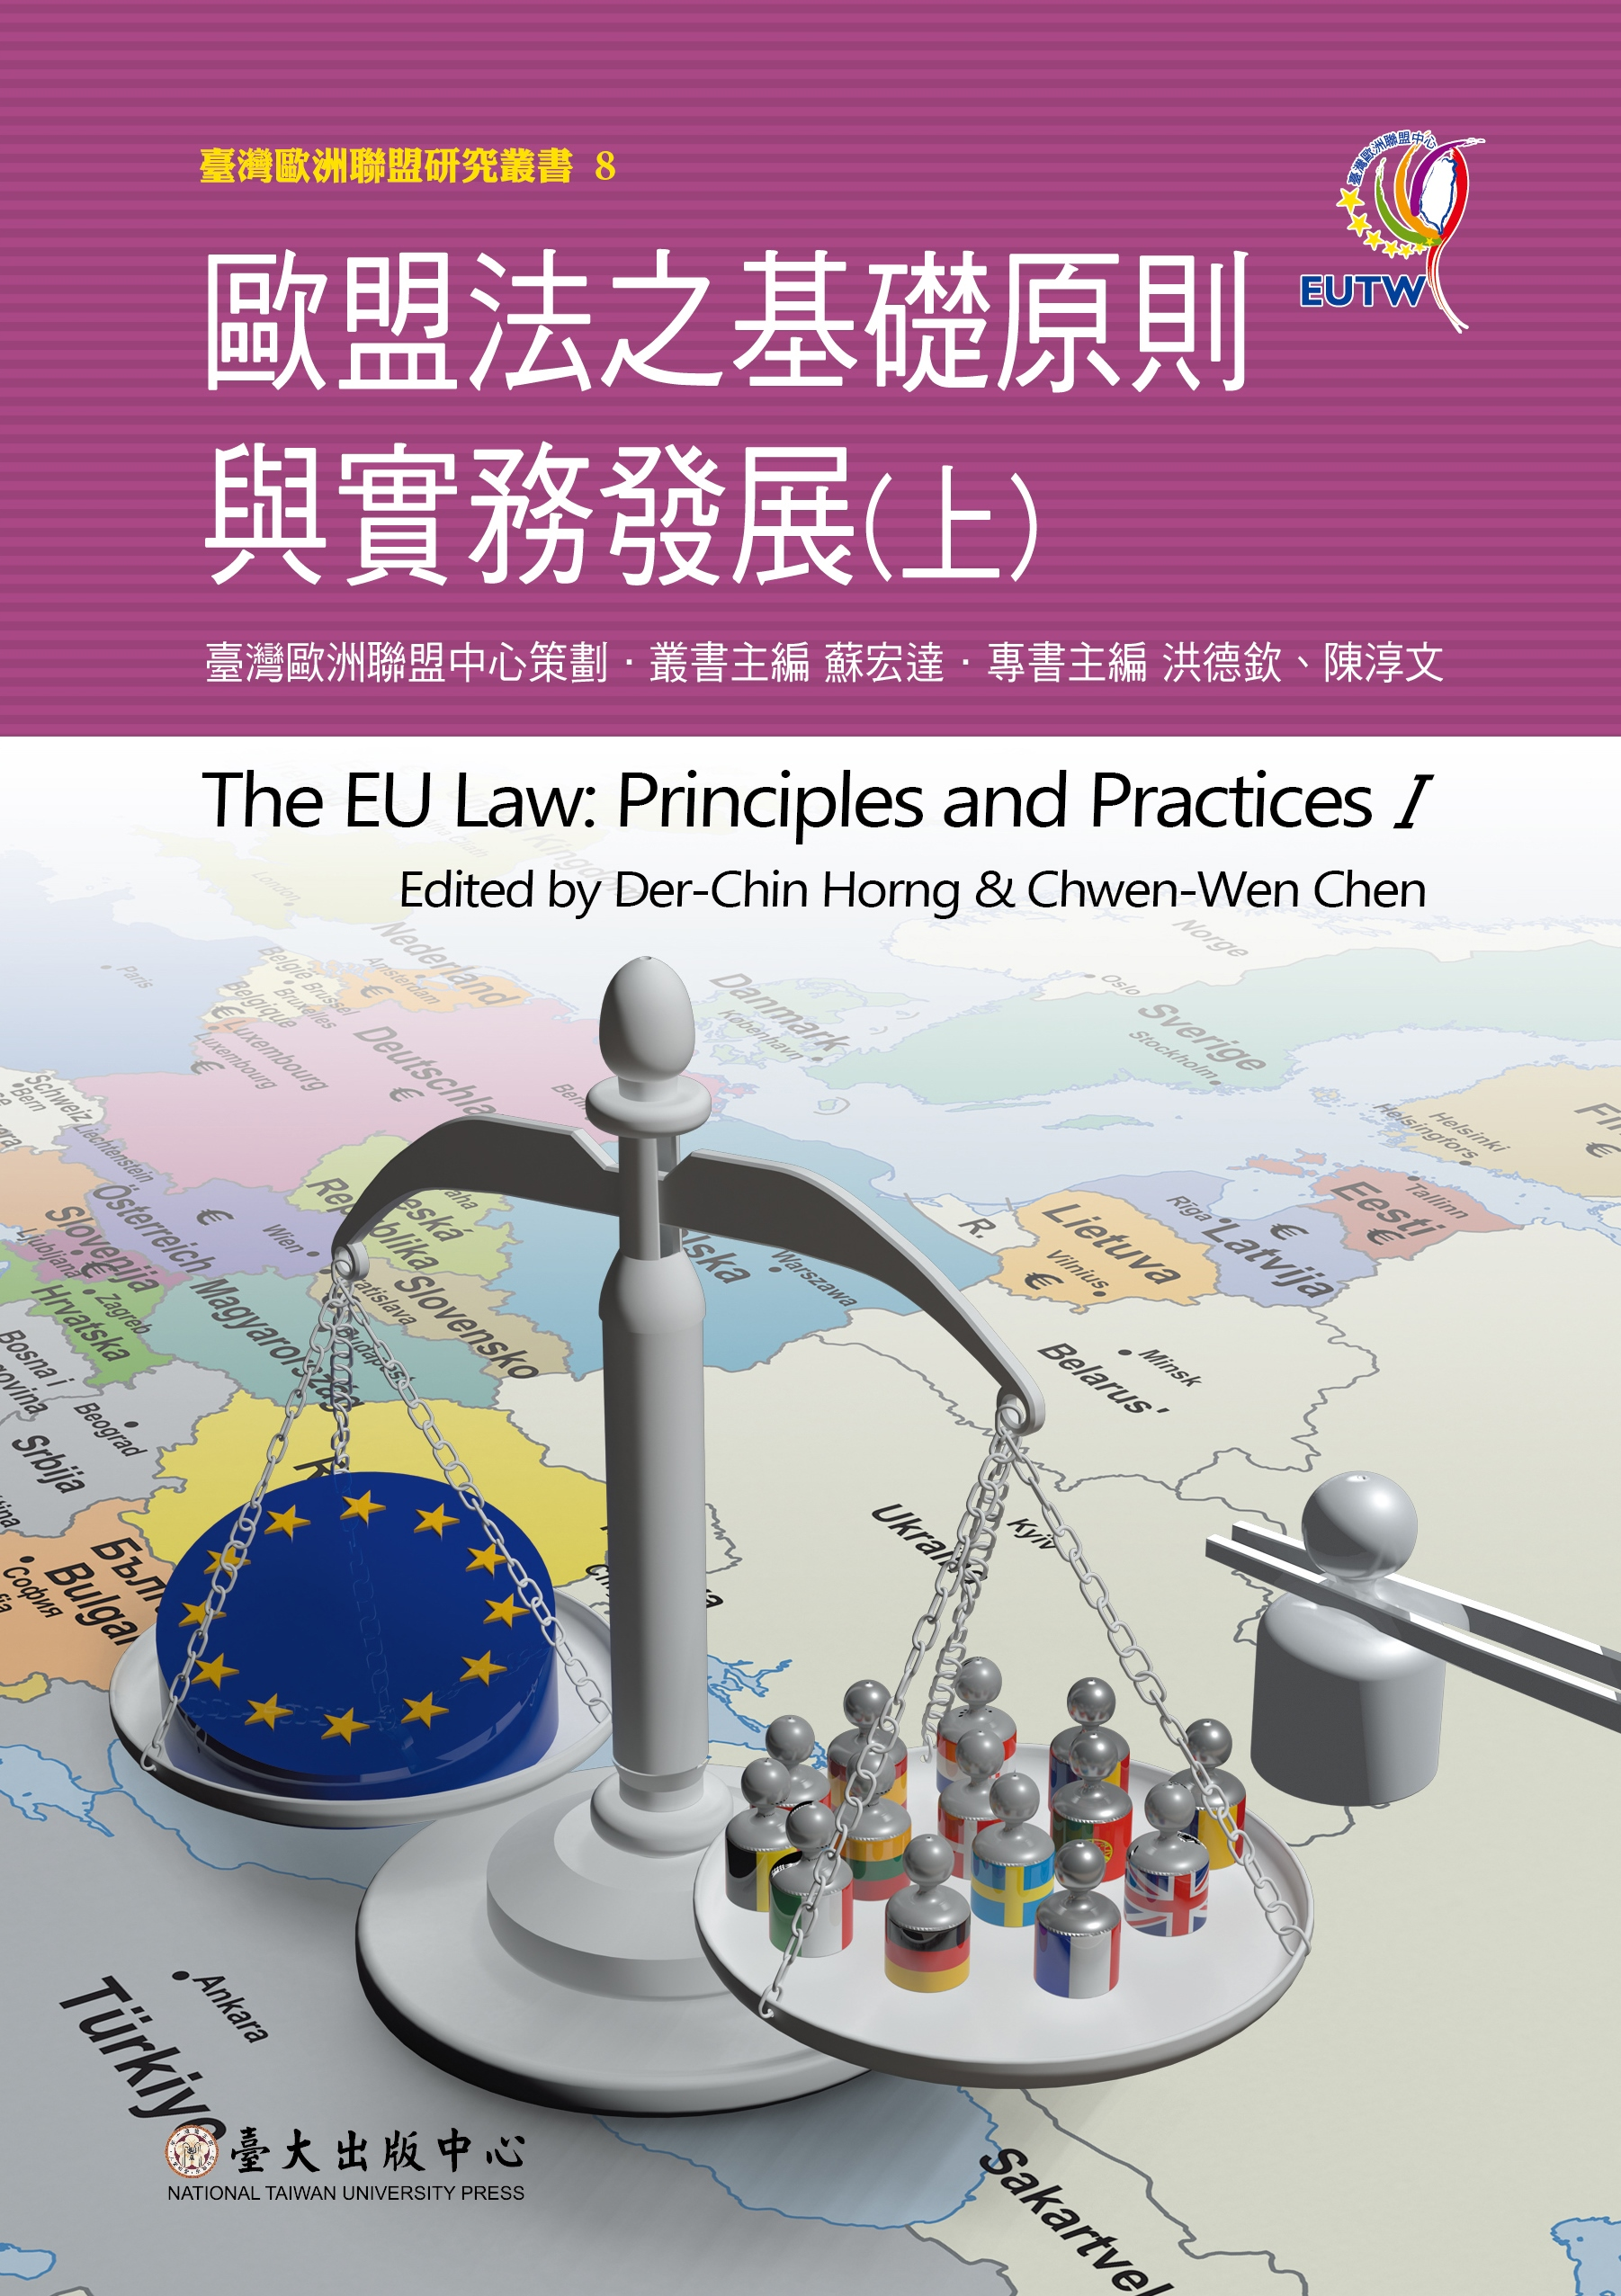 歐盟法之基礎原則與實務發展 (上) (下) The EU Law :Principles and Practices I/II